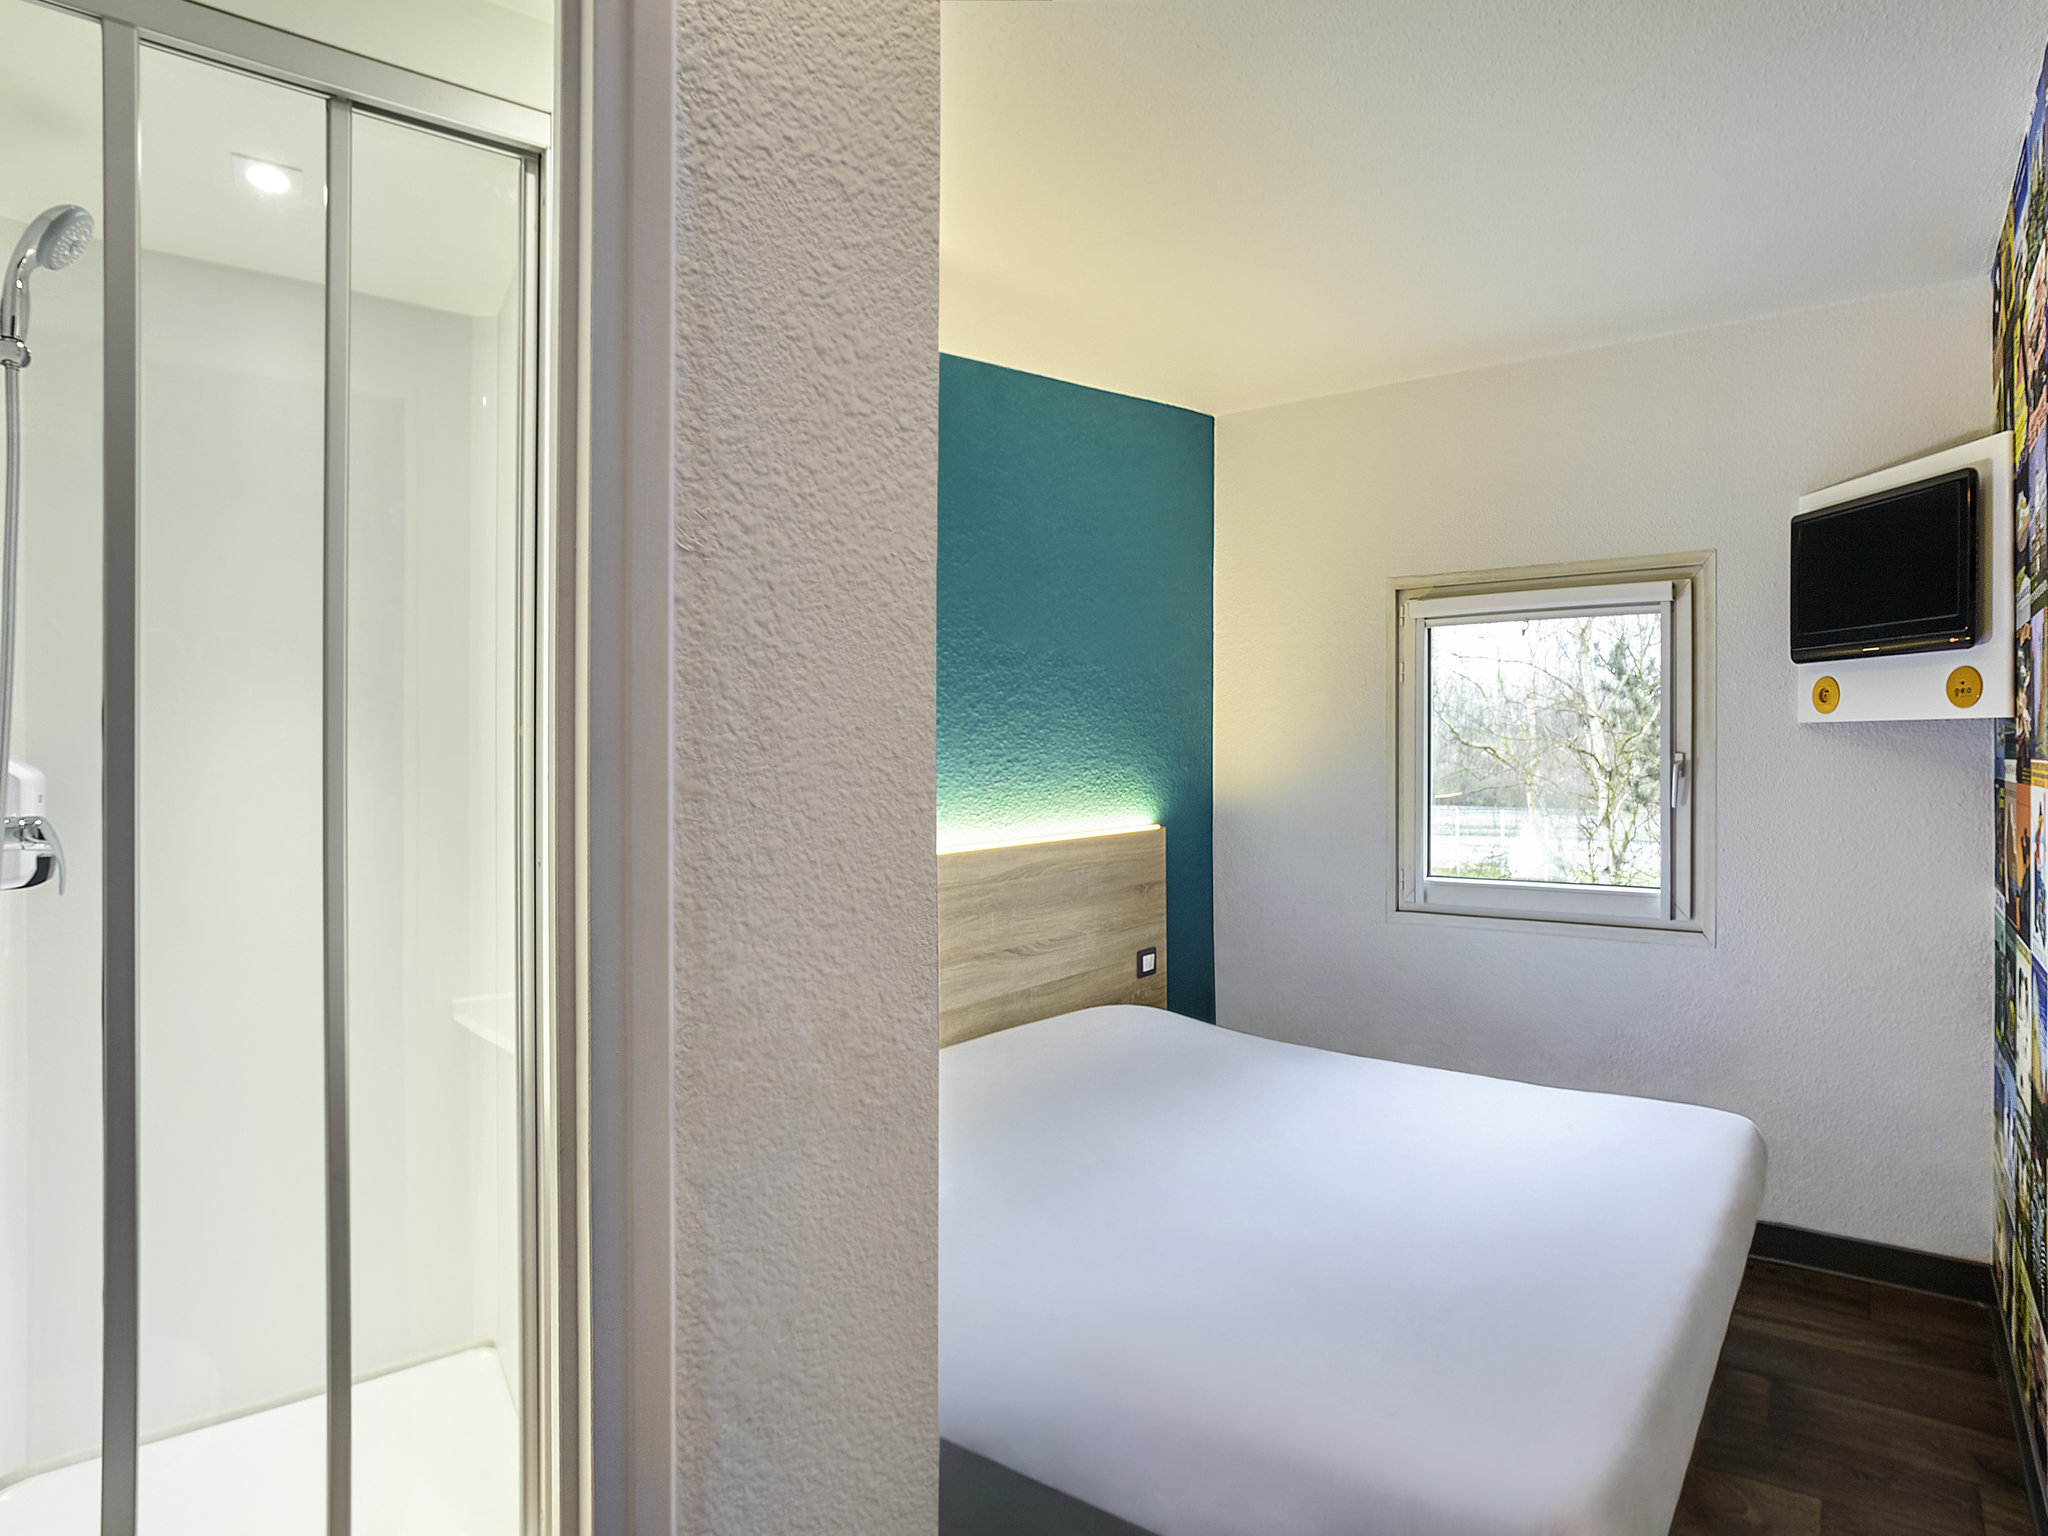 Hotell – hotelF1 Nice Villeneuve-Loubet (rénové)